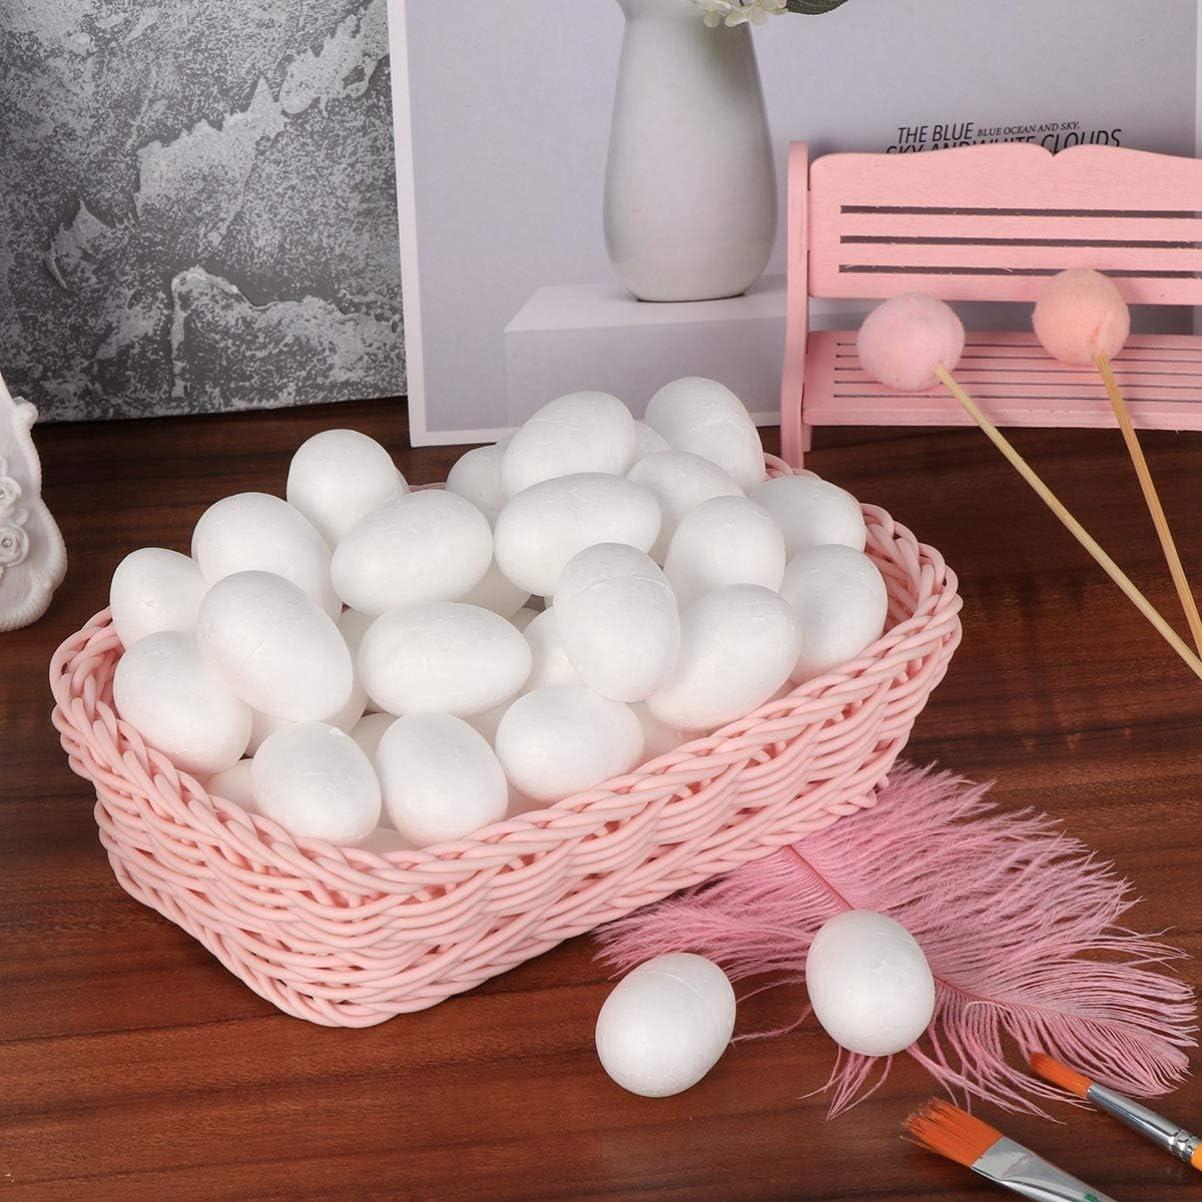 ABOOFAN 50 Piezas Huevo de Espuma de Poliestireno Blanco Huevo de Espuma de Pascua Bola de Poliestireno Hecha a Mano para Pintura de Bricolaje Artesan/ía de Pascua Decoraciones de Fiesta